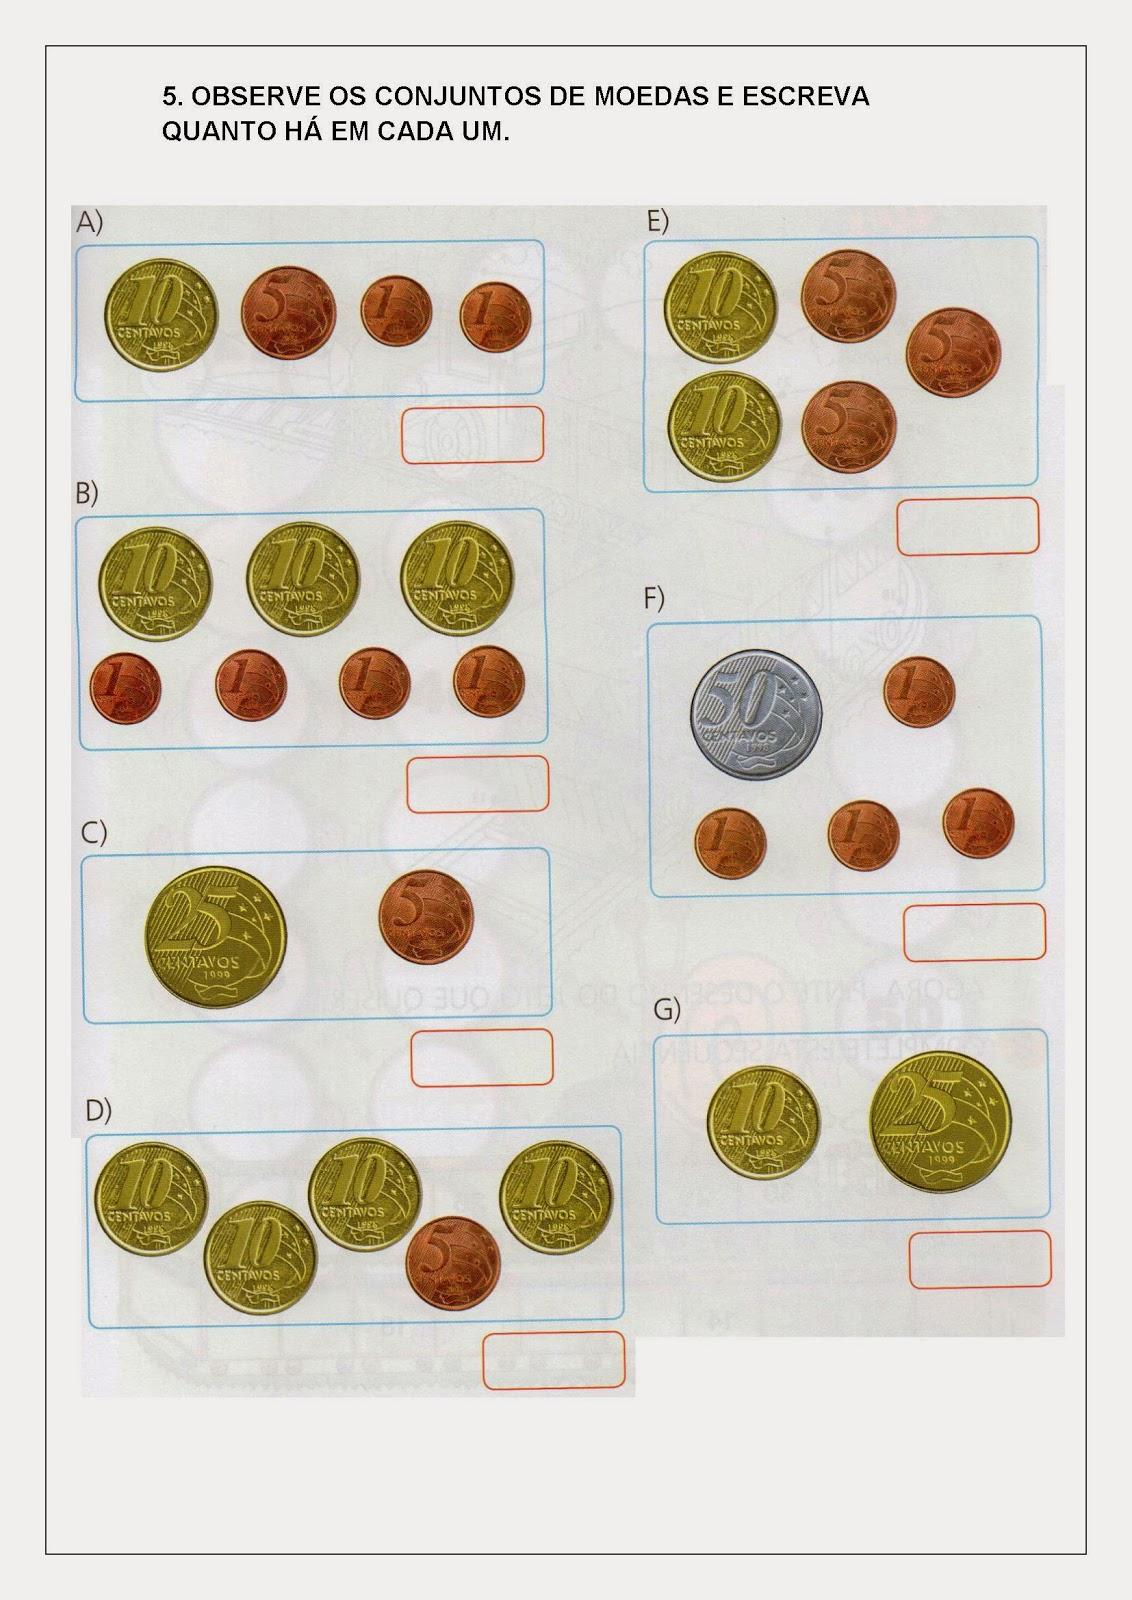 Atividades Educativas de Matemática - Parte 3